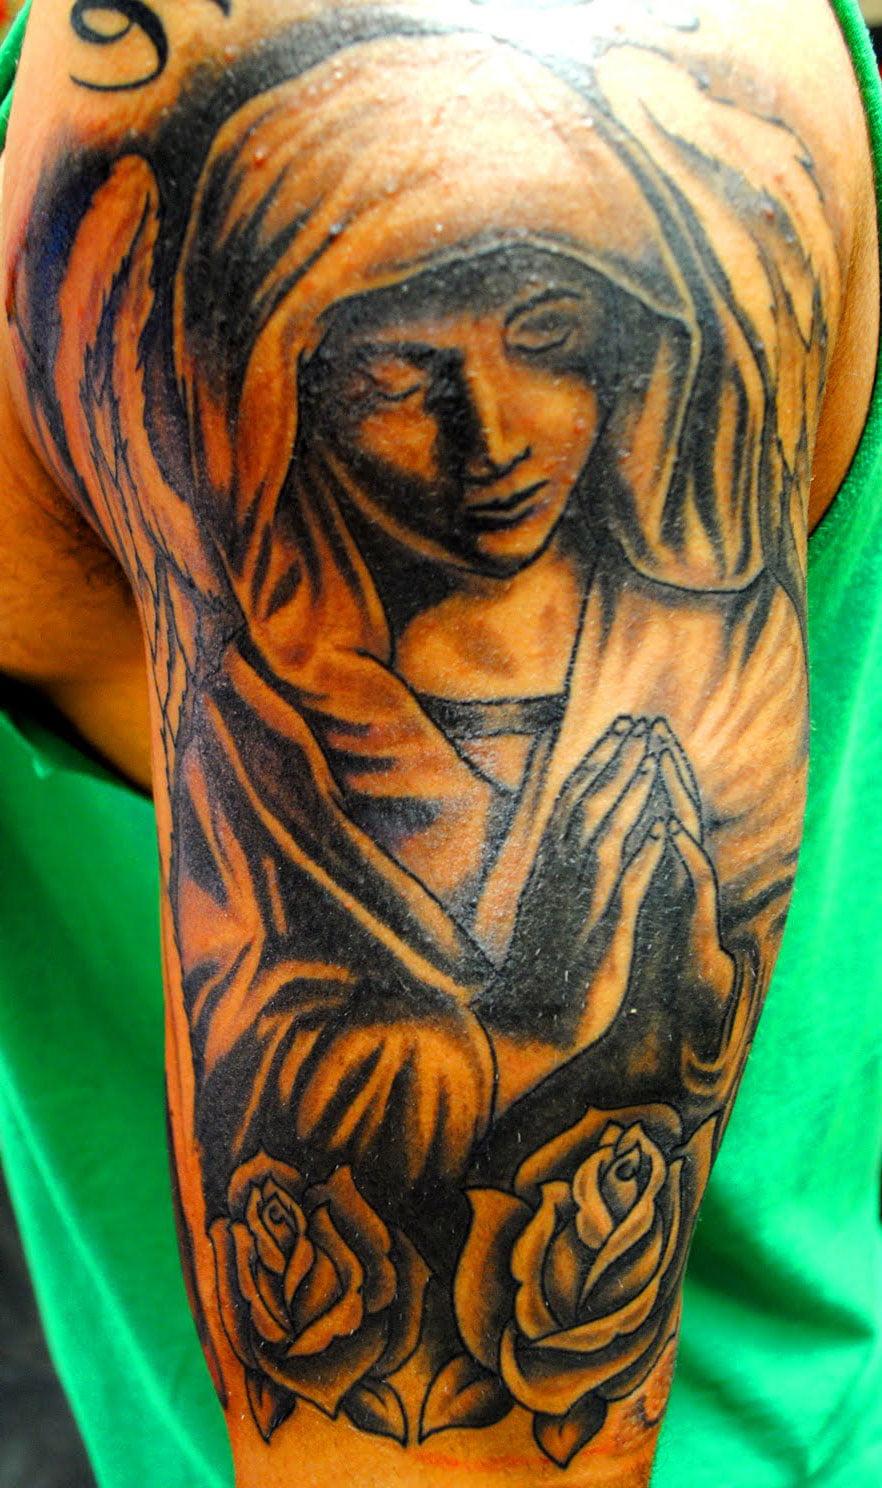 Angel praying tattoos for men cool tattoos bonbaden for Praying angel tattoos